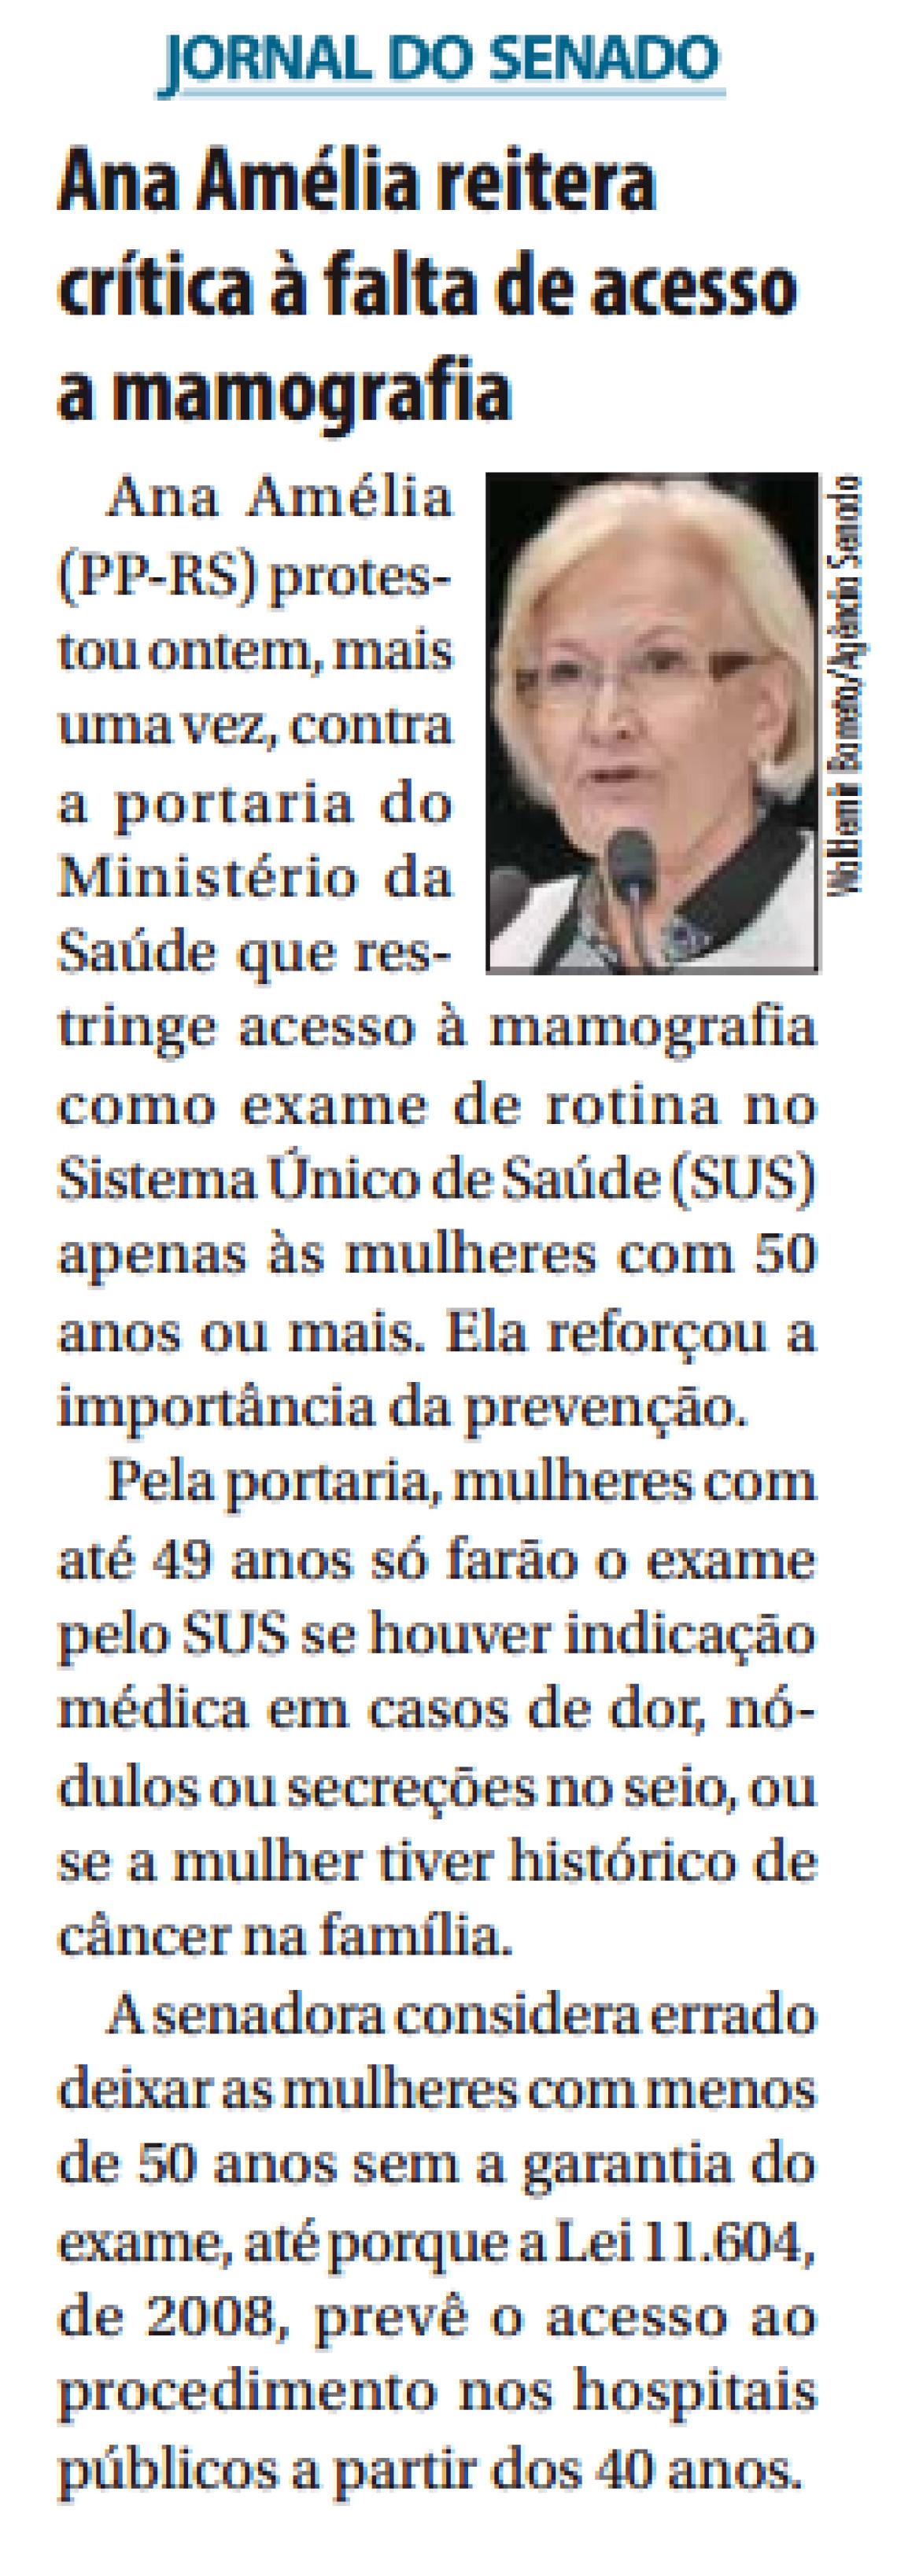 Jornal do Senado: Ana Amélia reitera crítica à falta de acesso a mamografia